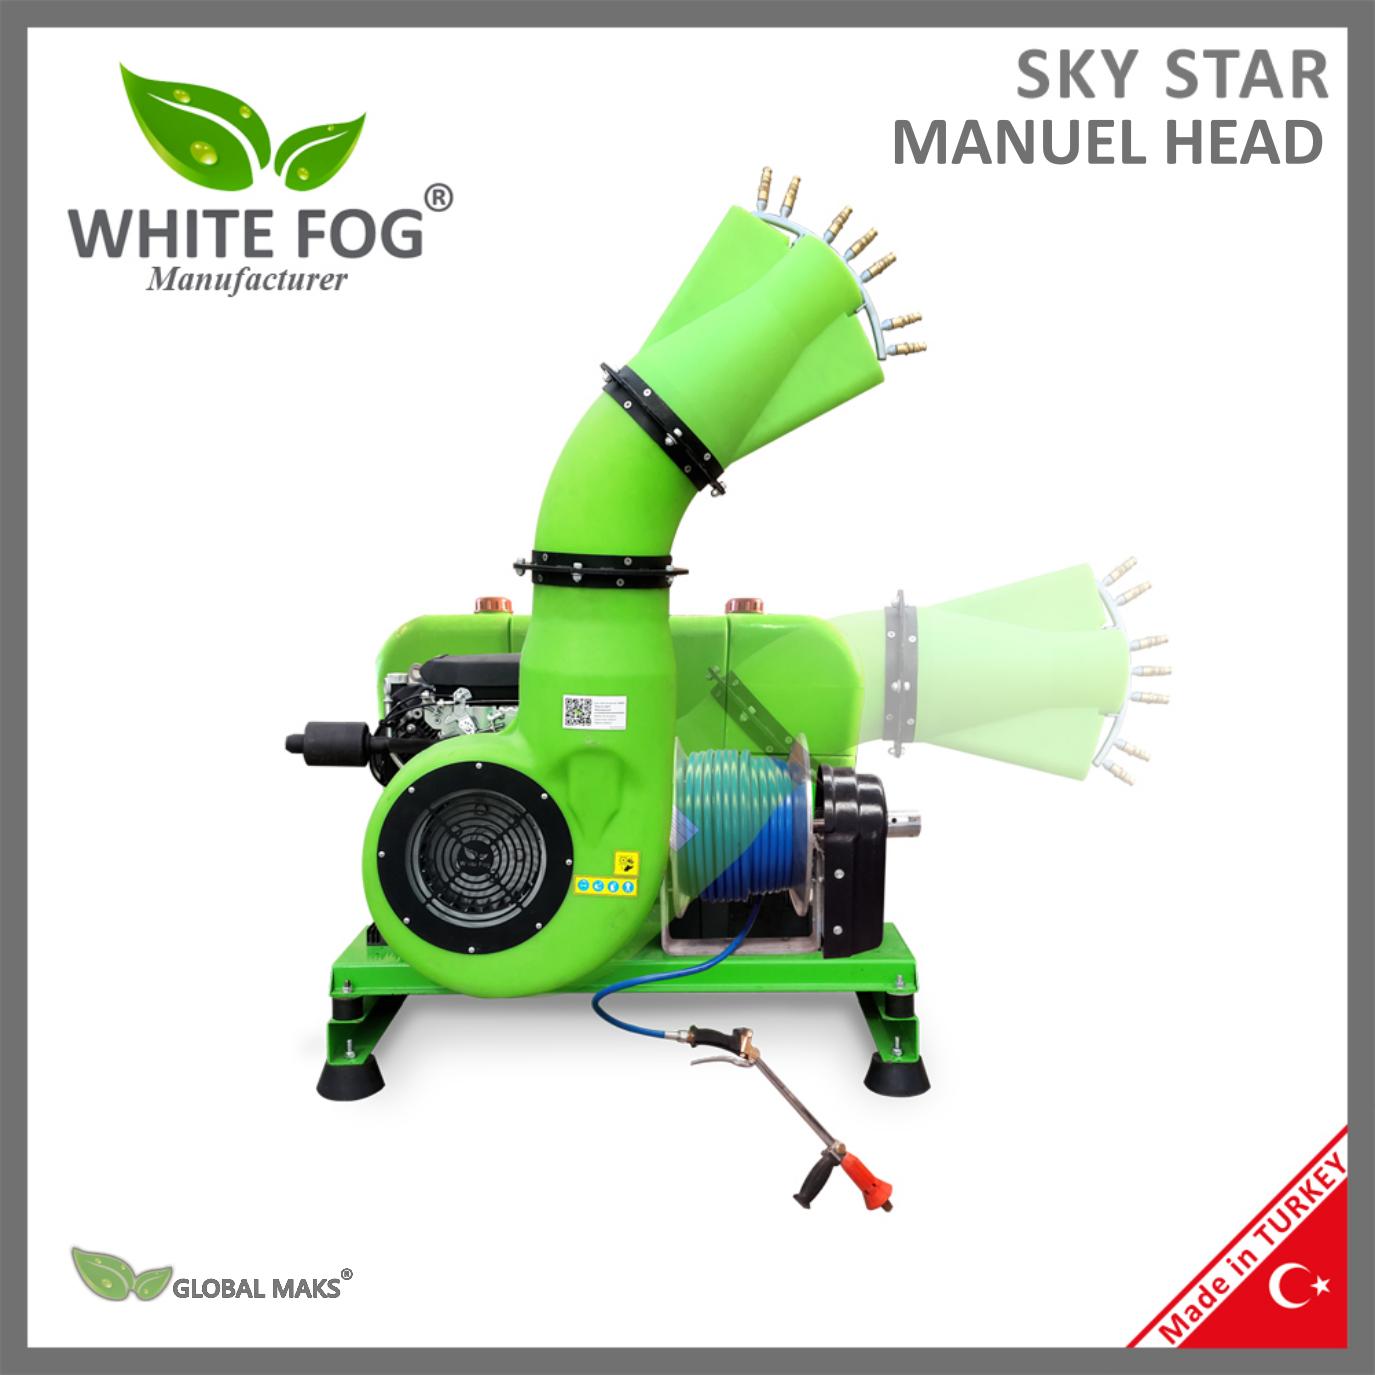 SkyStar Manuel